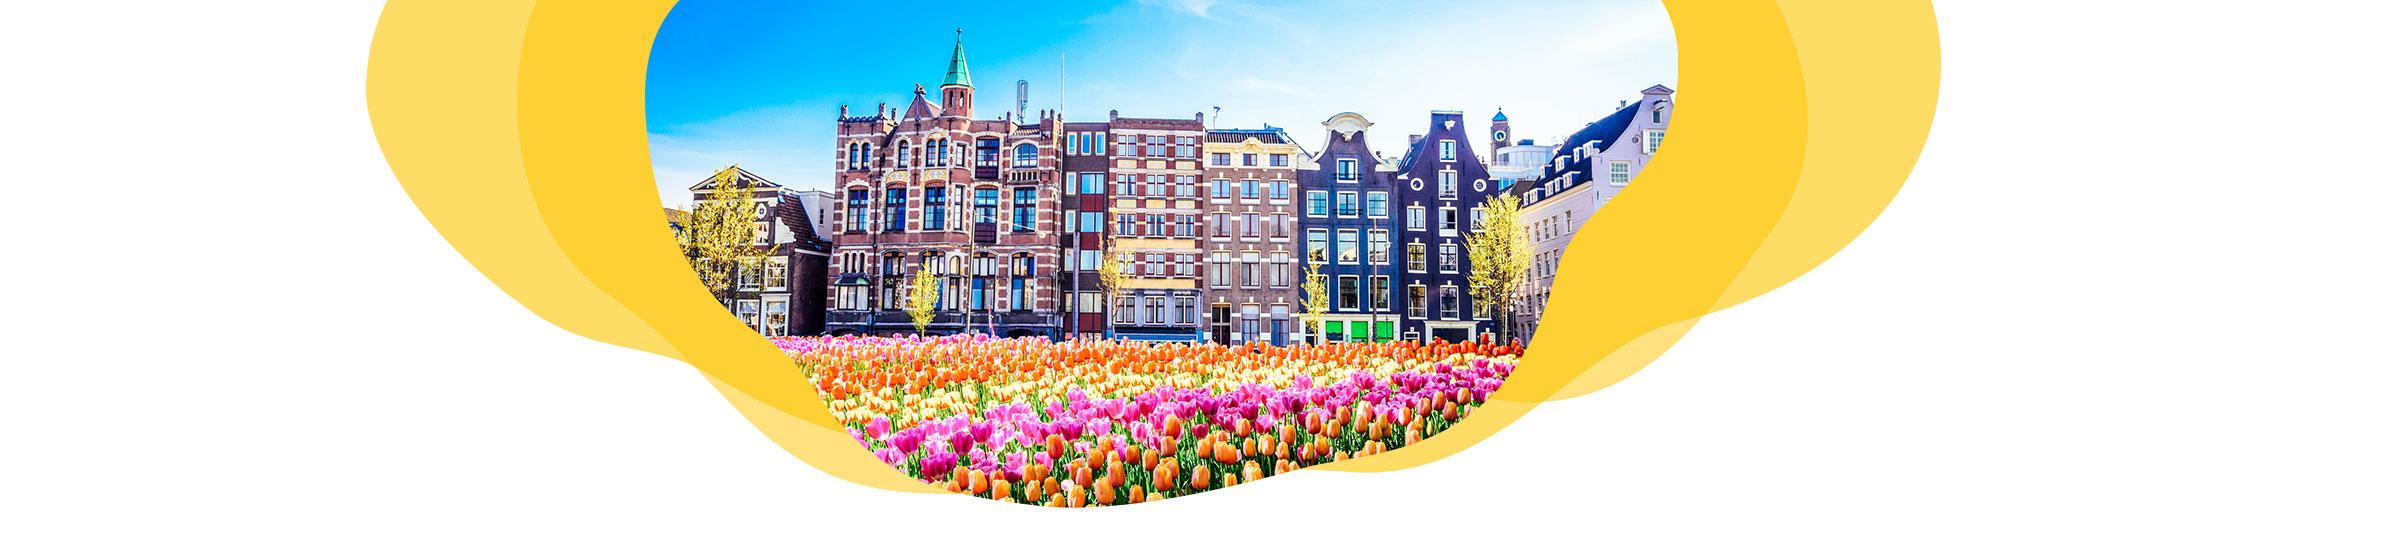 Kurzurlaub in Holland Header